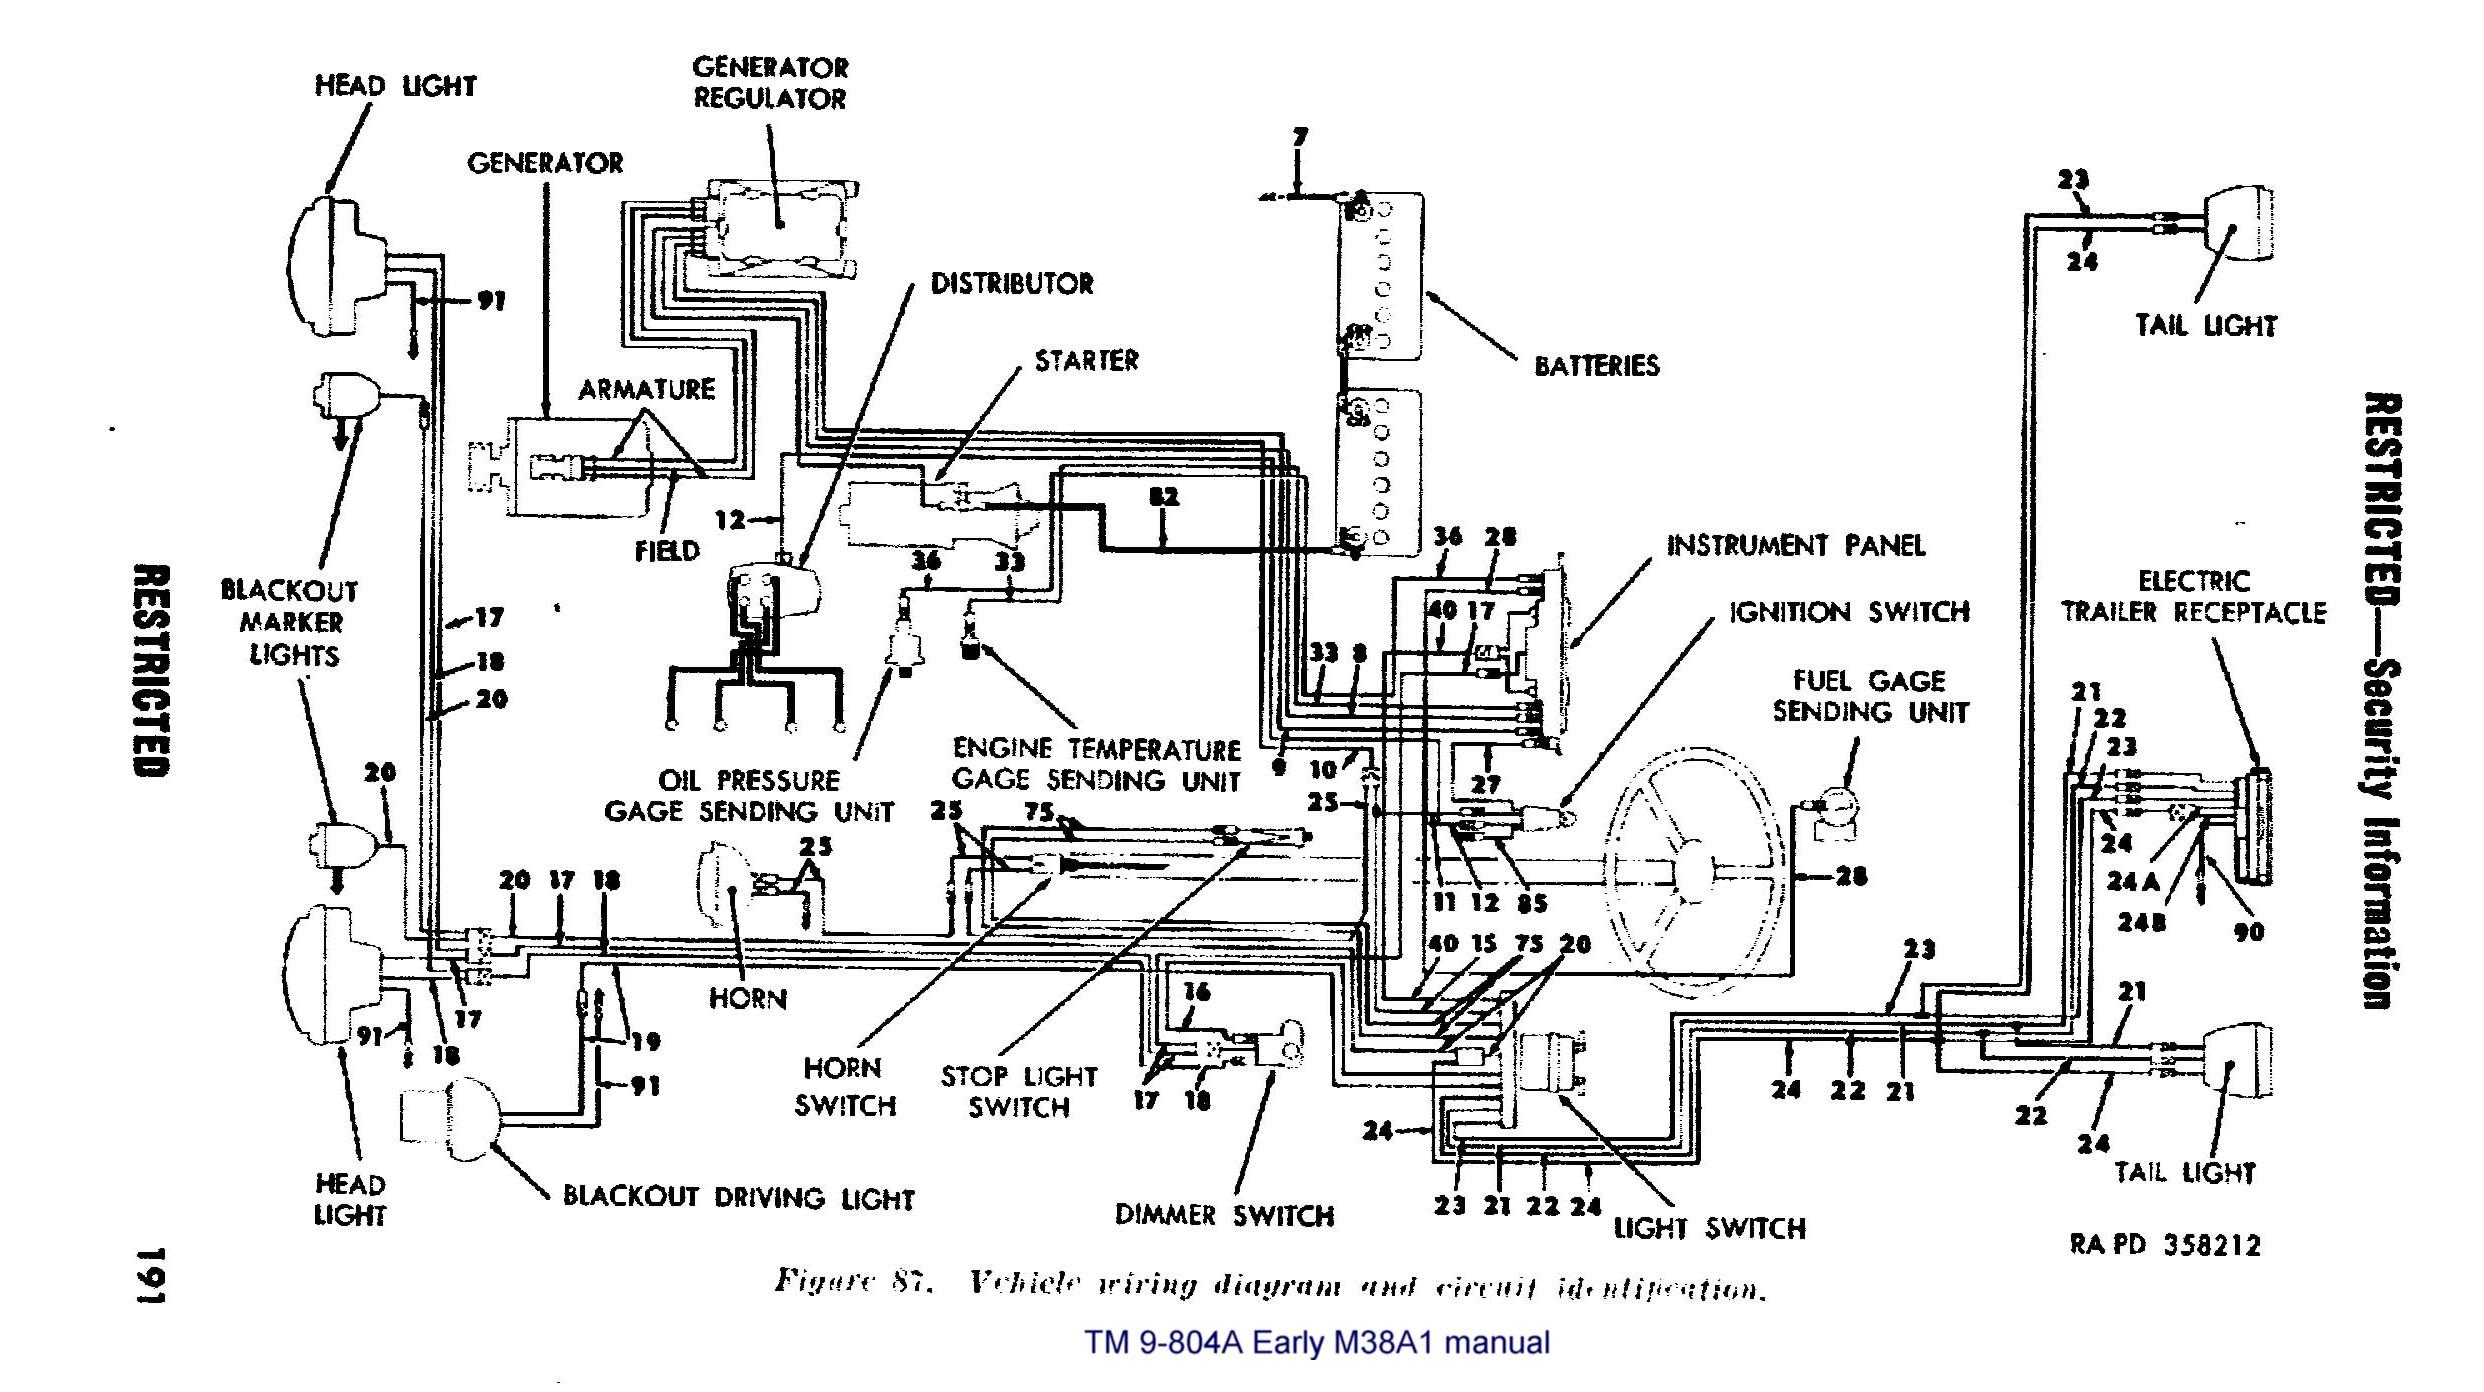 M38a1 Wiring Schematic | Wiring Liry on